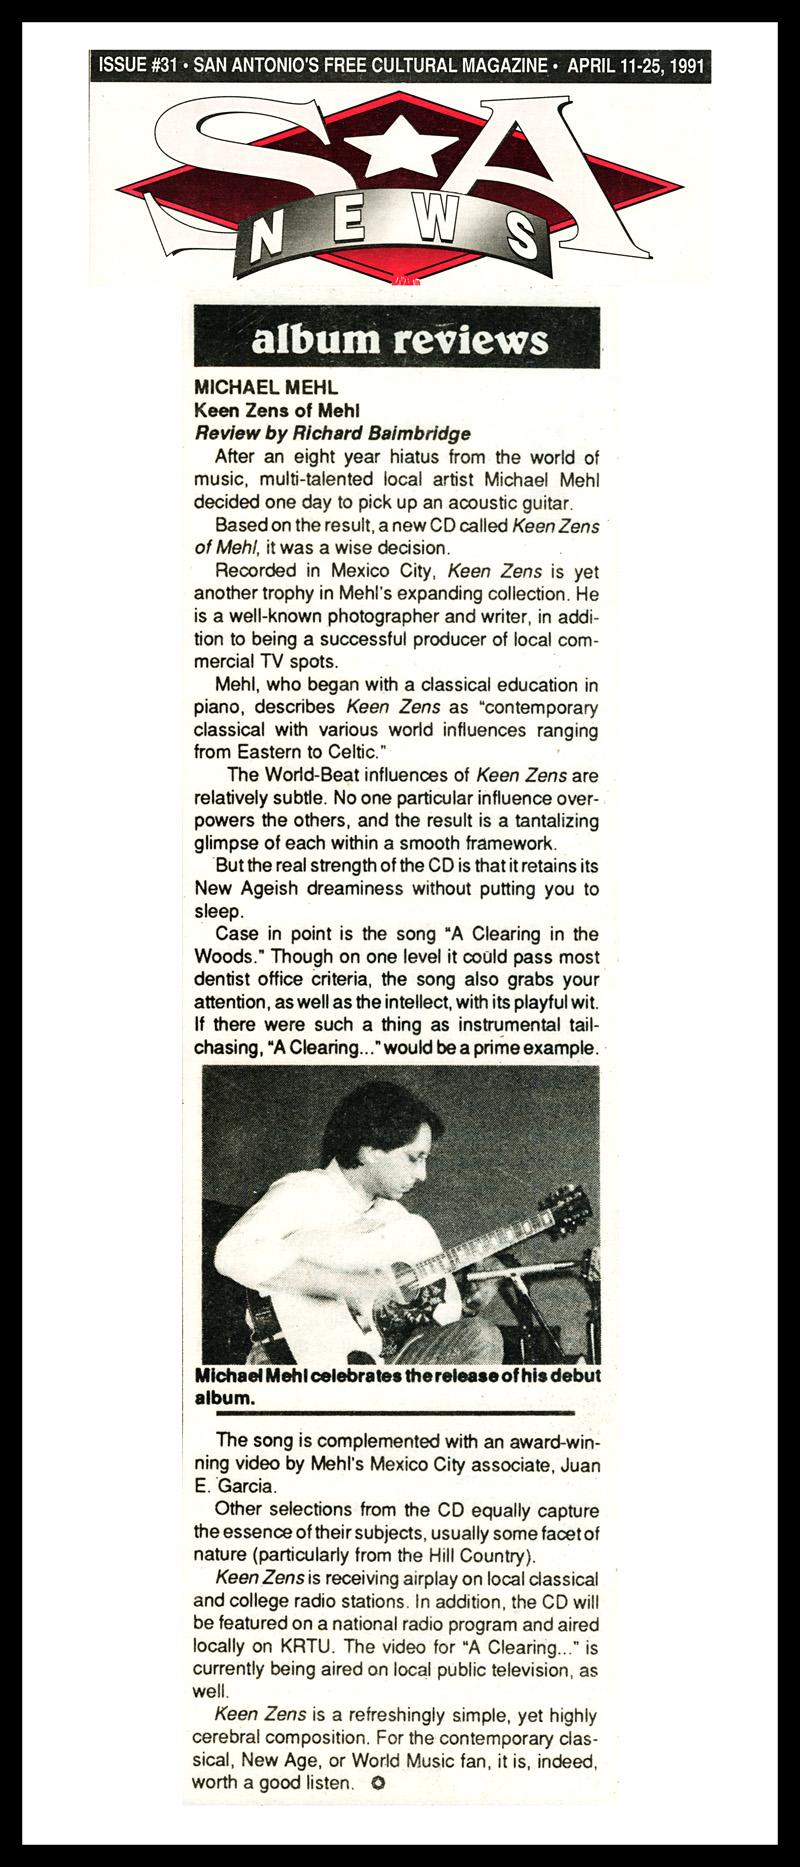 1991_SANews_Michael-Mehl_Keen-Zens-Of-Mehl_CD-Review